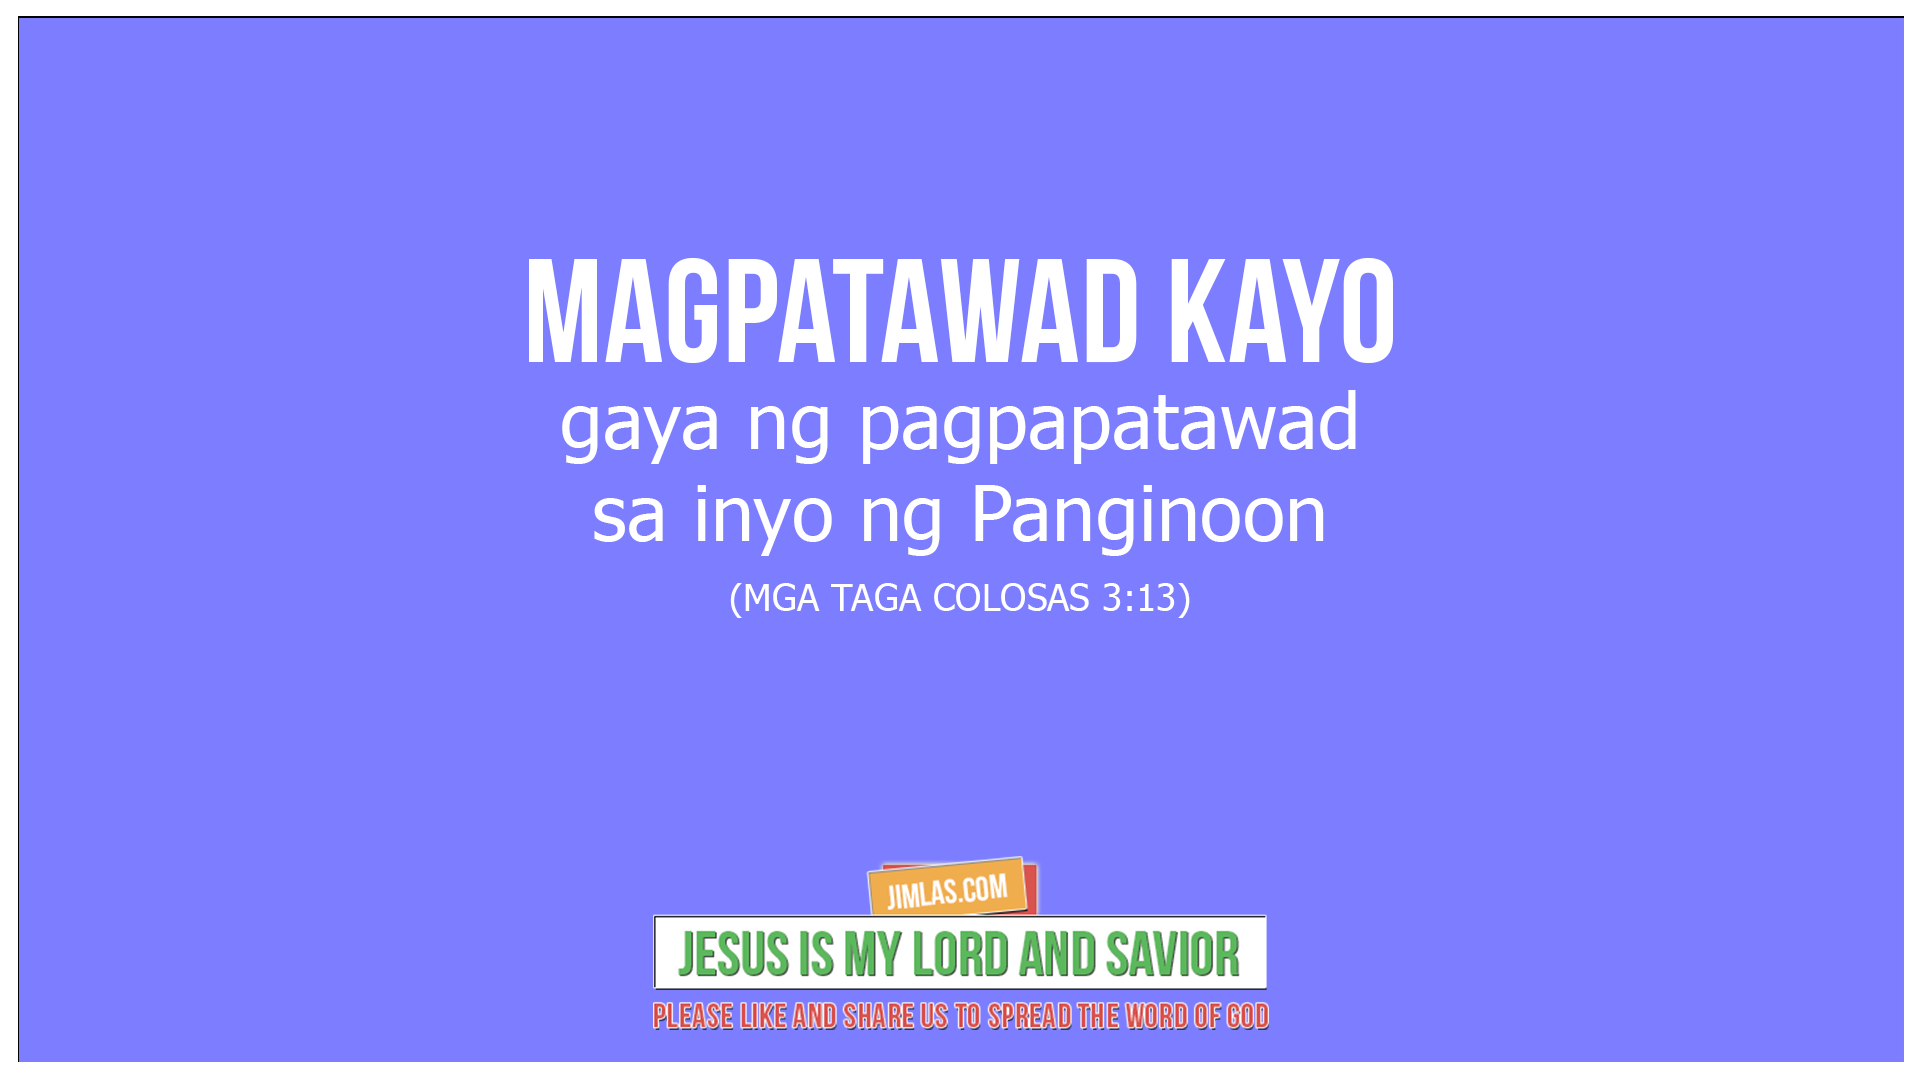 mga taga colosas 3:13, Mga Taga Colosas 3:13